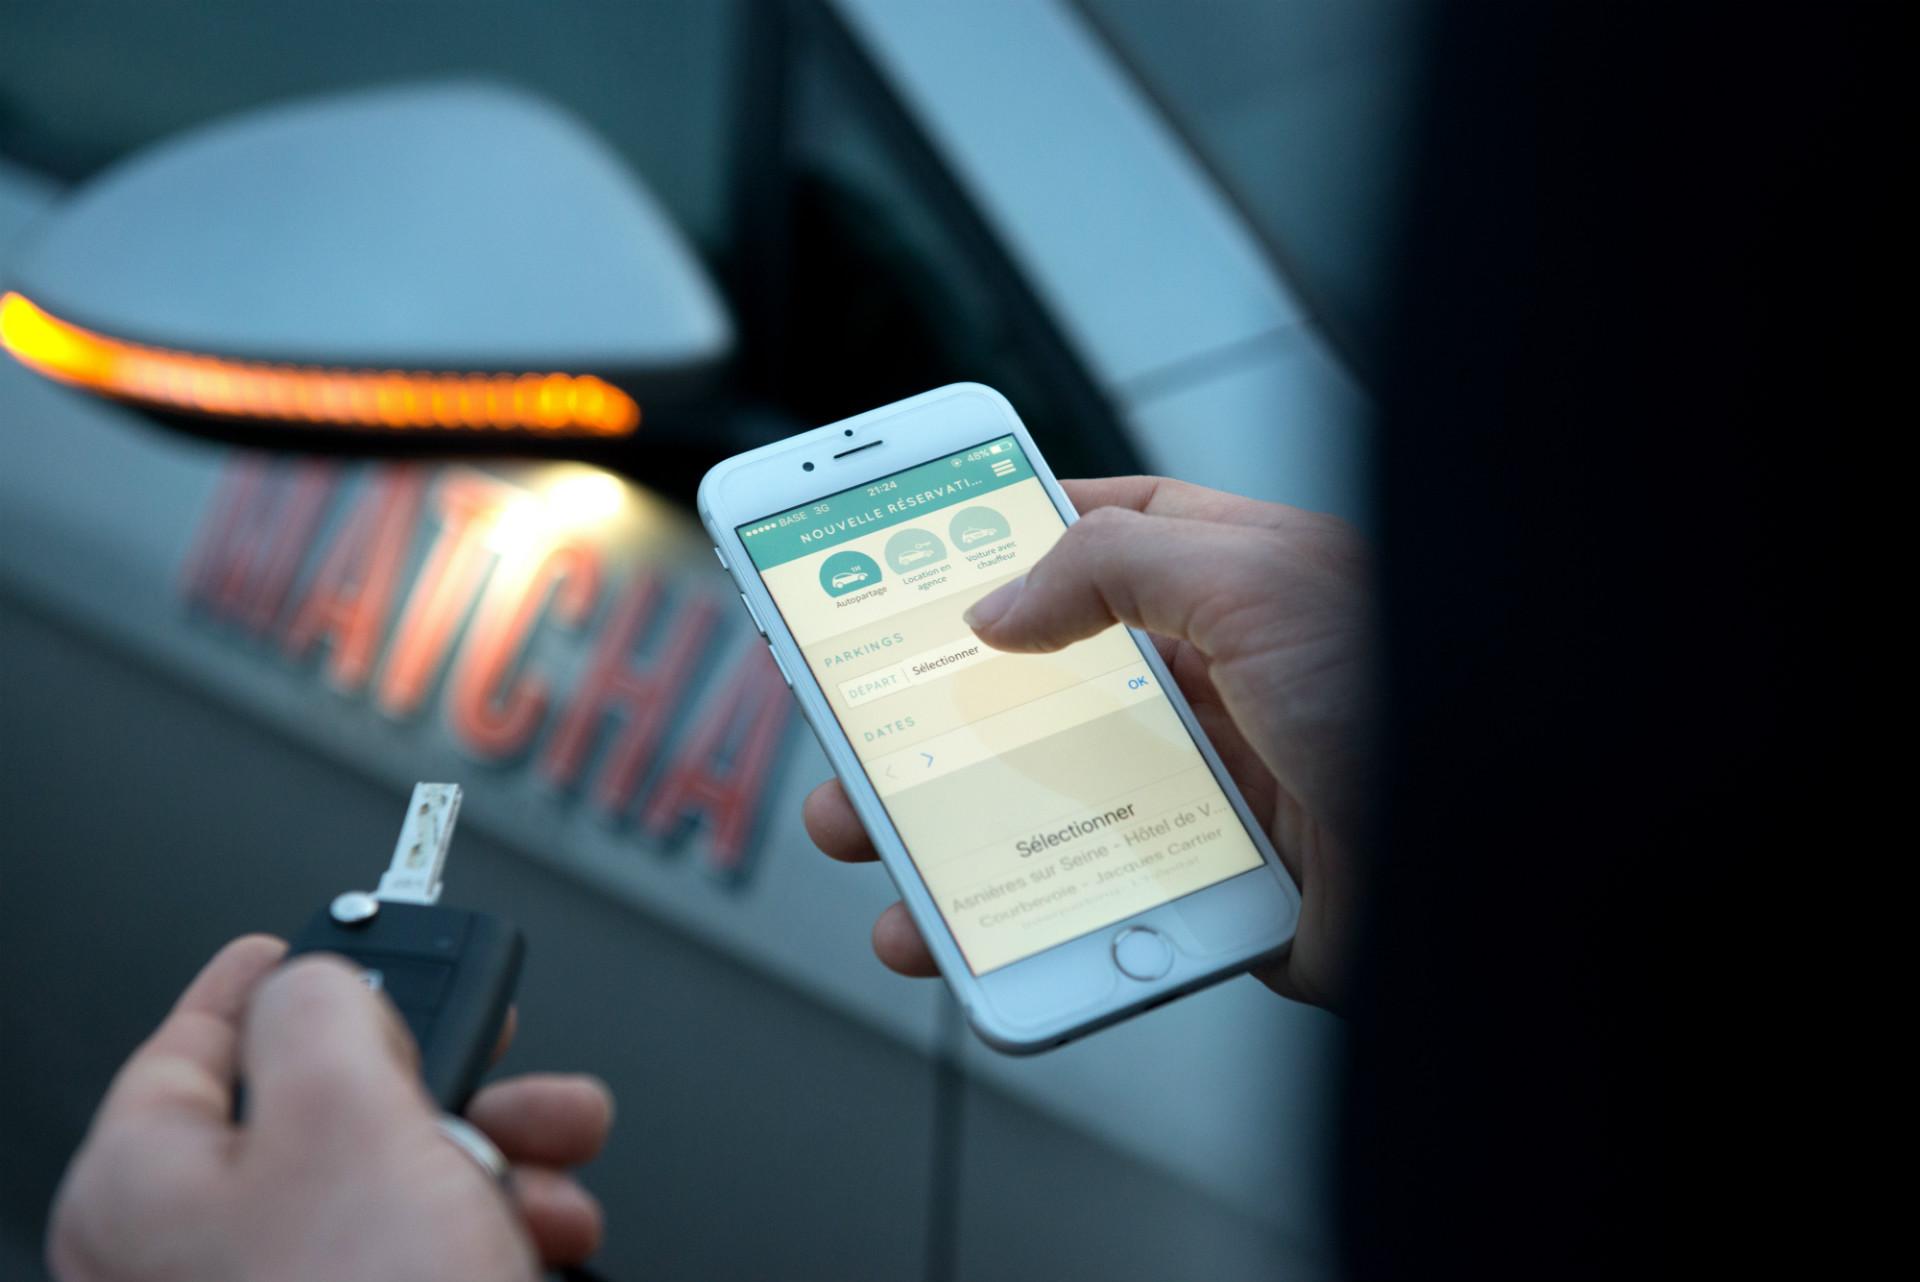 Ubeeqo App, im Hintergrund ein Matcha Carsharing Fahrzeug